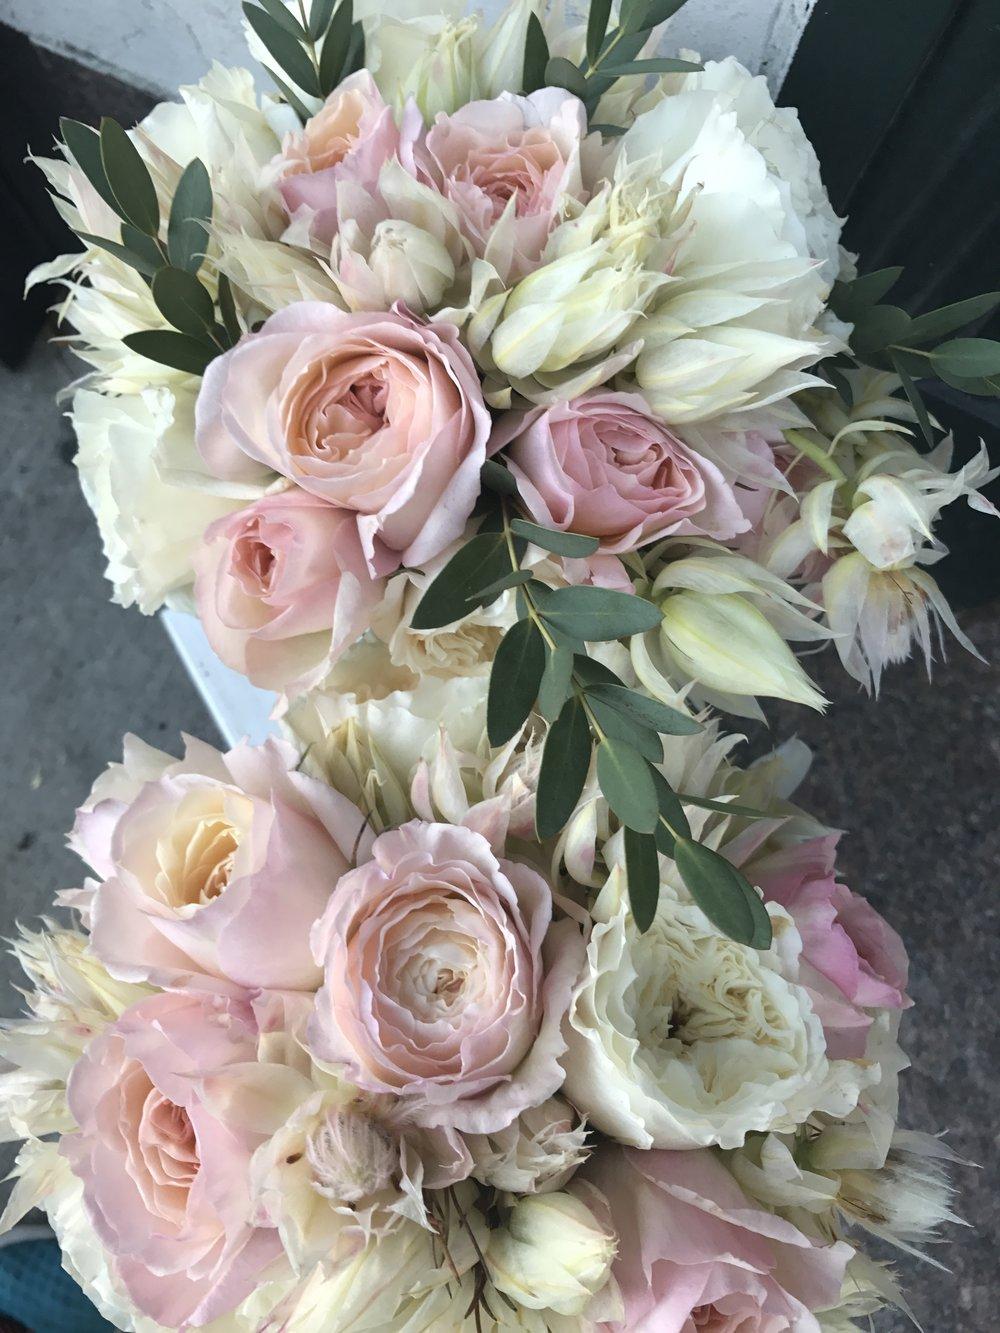 Cushnie Et Ochs Press Day Florals